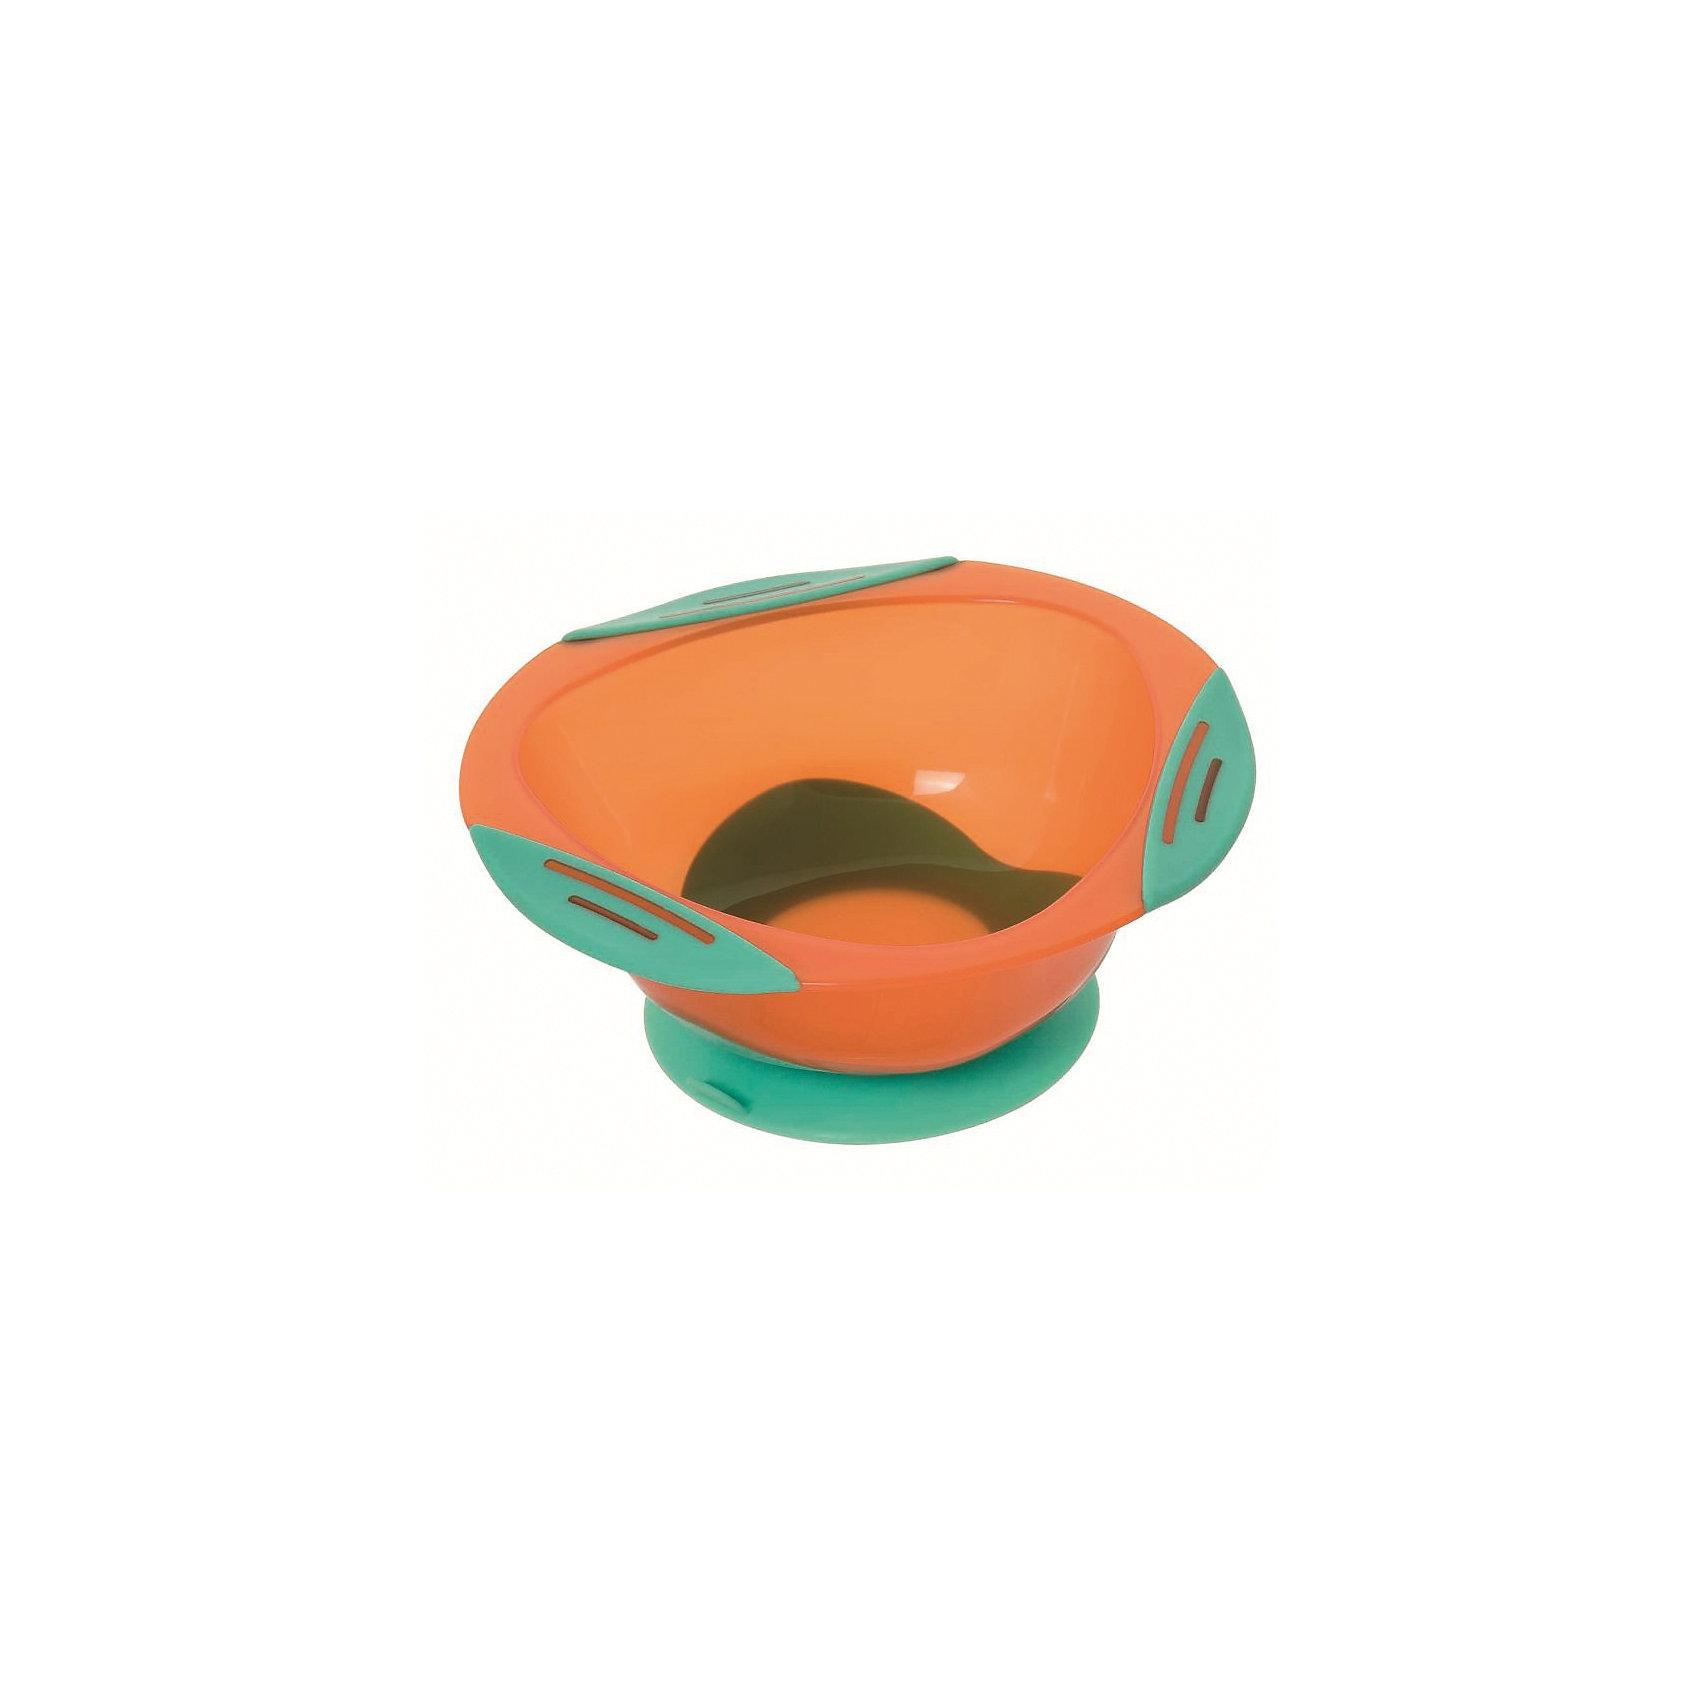 Тарелочка глубокая на присоске, Мир Детства, оранжевый/зеленыйГлубокая  тарелочка подходит для горячей и холодной пищи. <br>Тарелочка имеет:<br>присоску, которая  надежно фиксирует тарелочку на столе (специальный язычок на присоске позволяет легко отлепить тарелочку);<br>по краям тарелочки три нескользящие вставки.<br><br>ВНИМАНИЕ!!!<br>Запрещено стерилизовать и разогревать в СВЧ-печи.<br>Разрешено мыть в посудомоечной машине только в верхнем отделении.<br>Не содержит Бисфенол-А.<br><br>Ширина мм: 70<br>Глубина мм: 100<br>Высота мм: 190<br>Вес г: 140<br>Возраст от месяцев: 4<br>Возраст до месяцев: 24<br>Пол: Унисекс<br>Возраст: Детский<br>SKU: 5439960